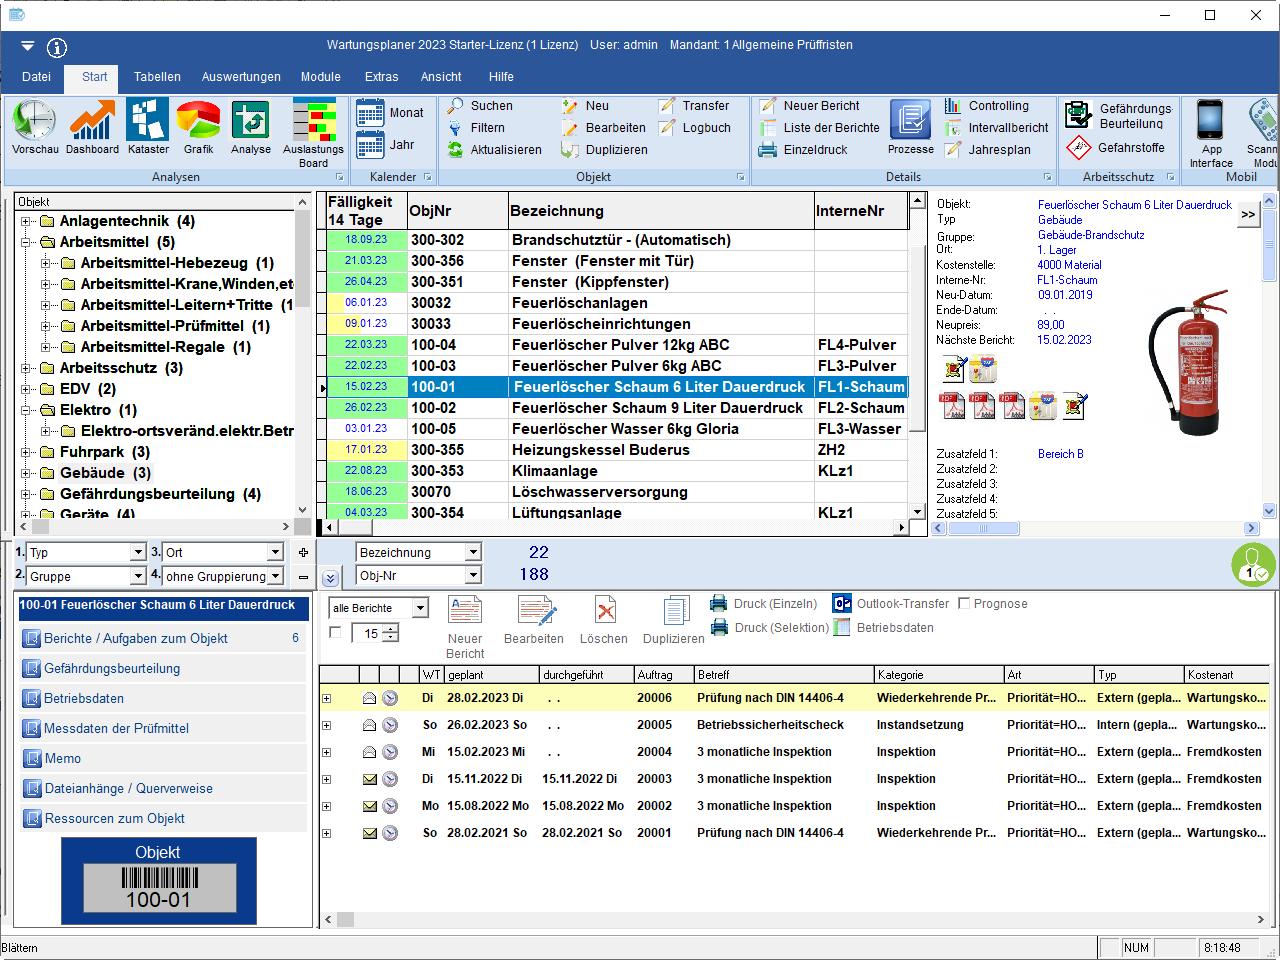 Mit der Software zur Prüfplanung fällt es ihnen leicht, bei sicherheitsrelevanten Prüfungen die Nachweise vorzulegen